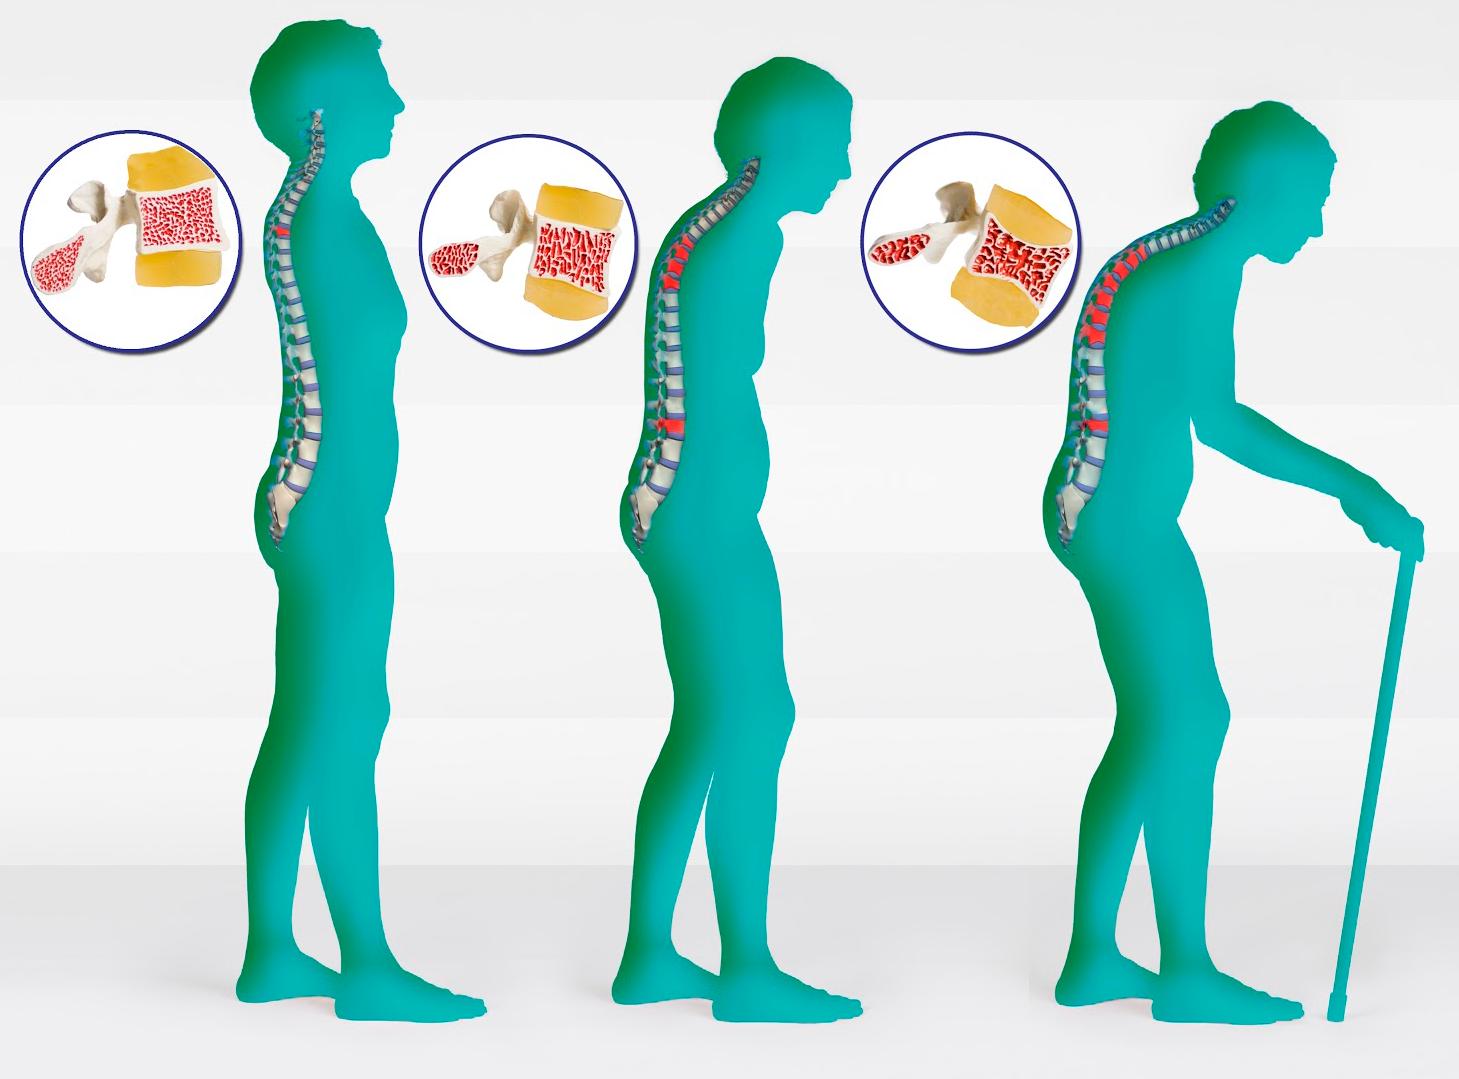 Risultati immagini per osteoporosi